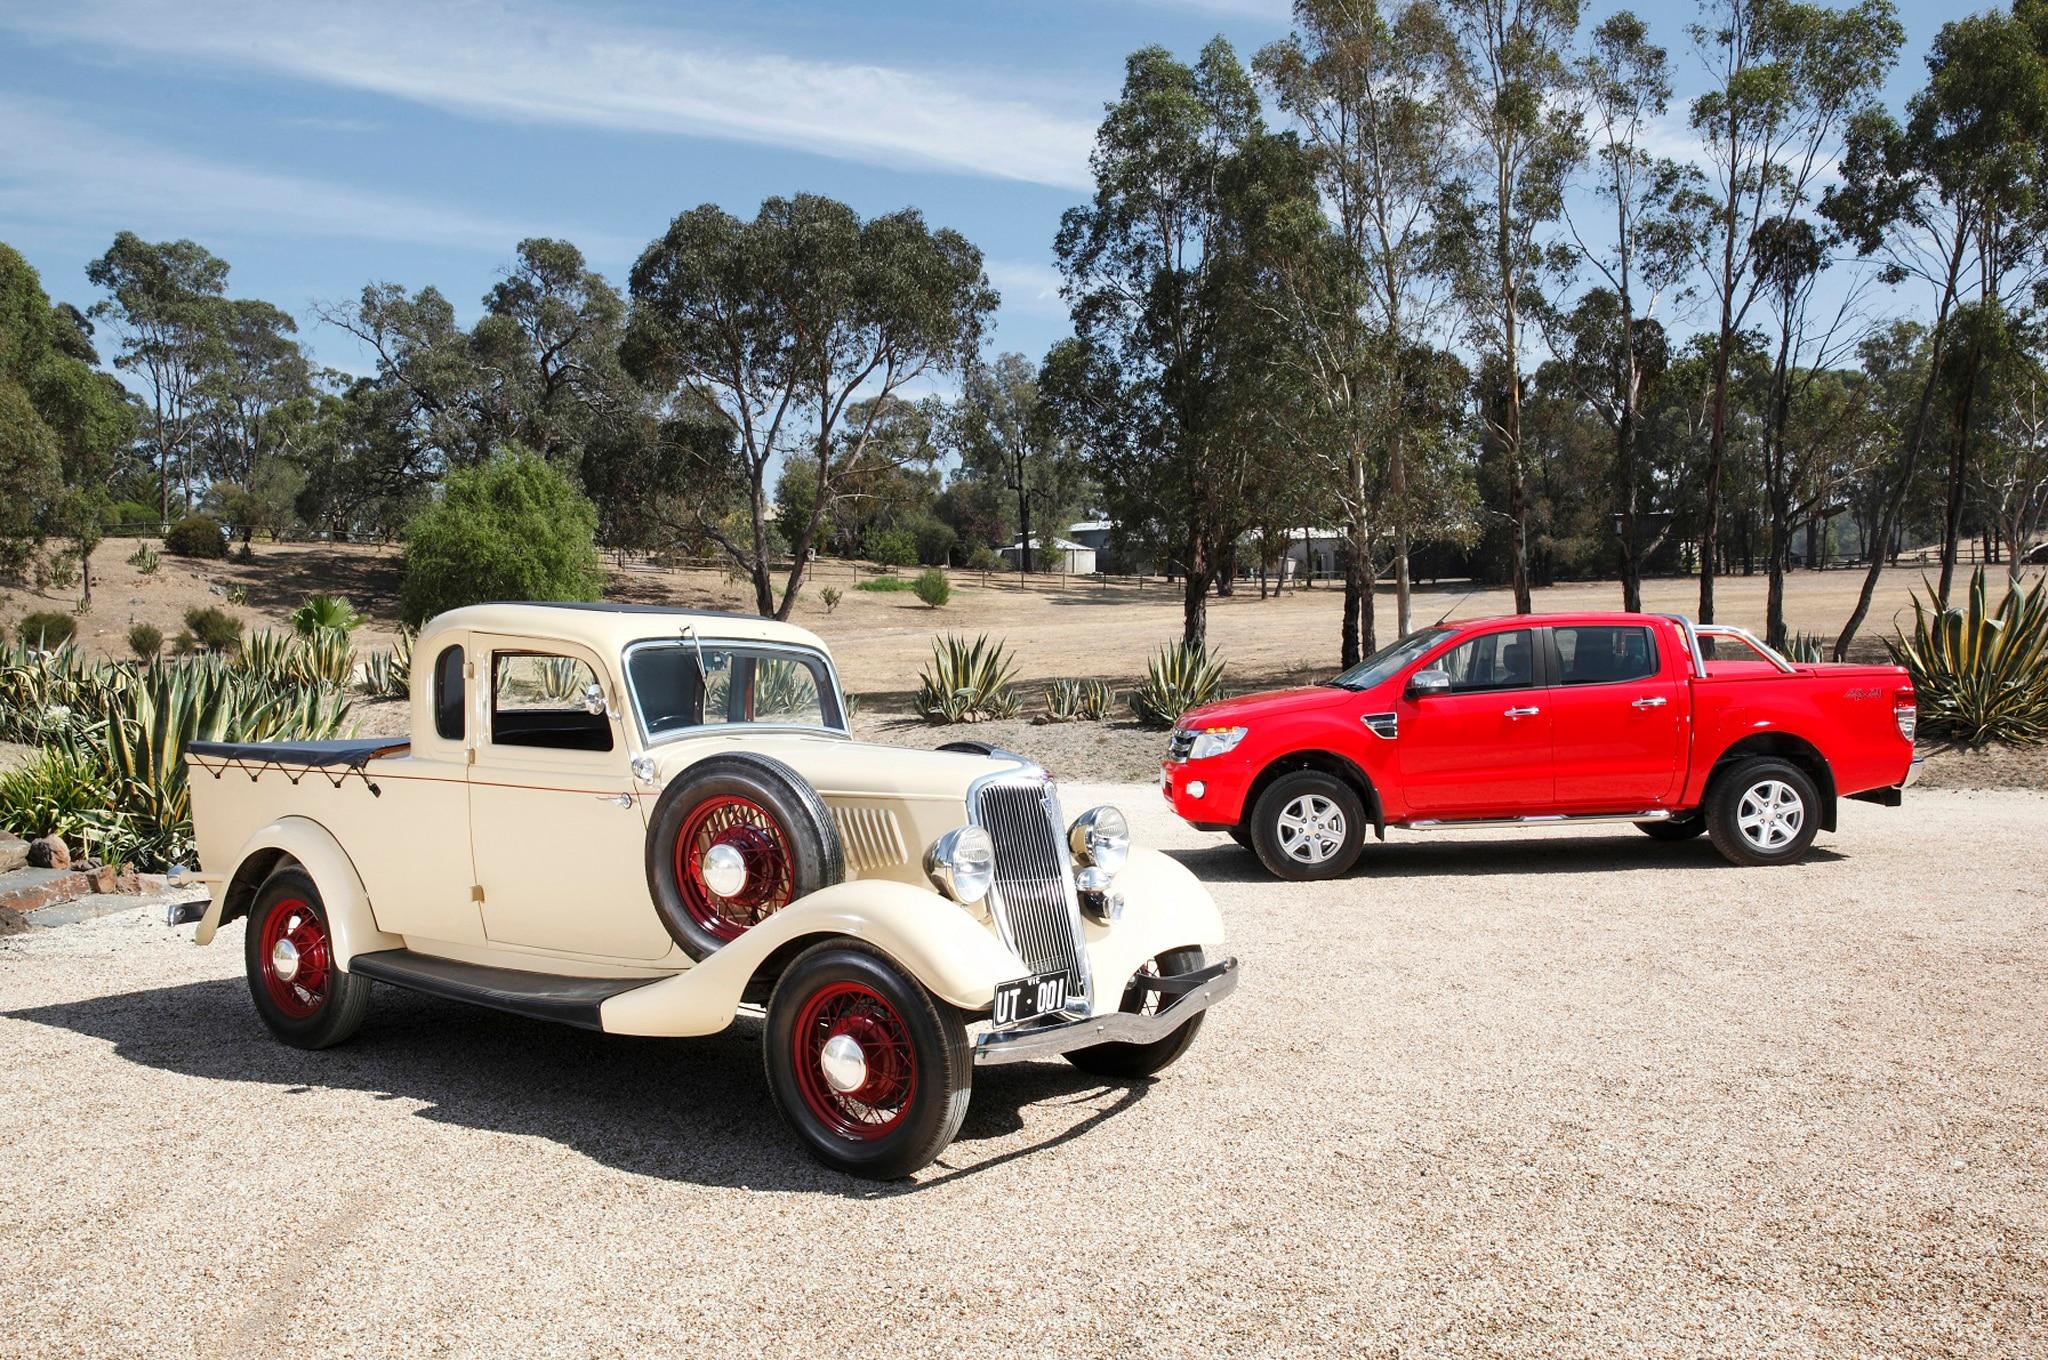 1934 Ford Ute With Australian 2014 Ford Ranger